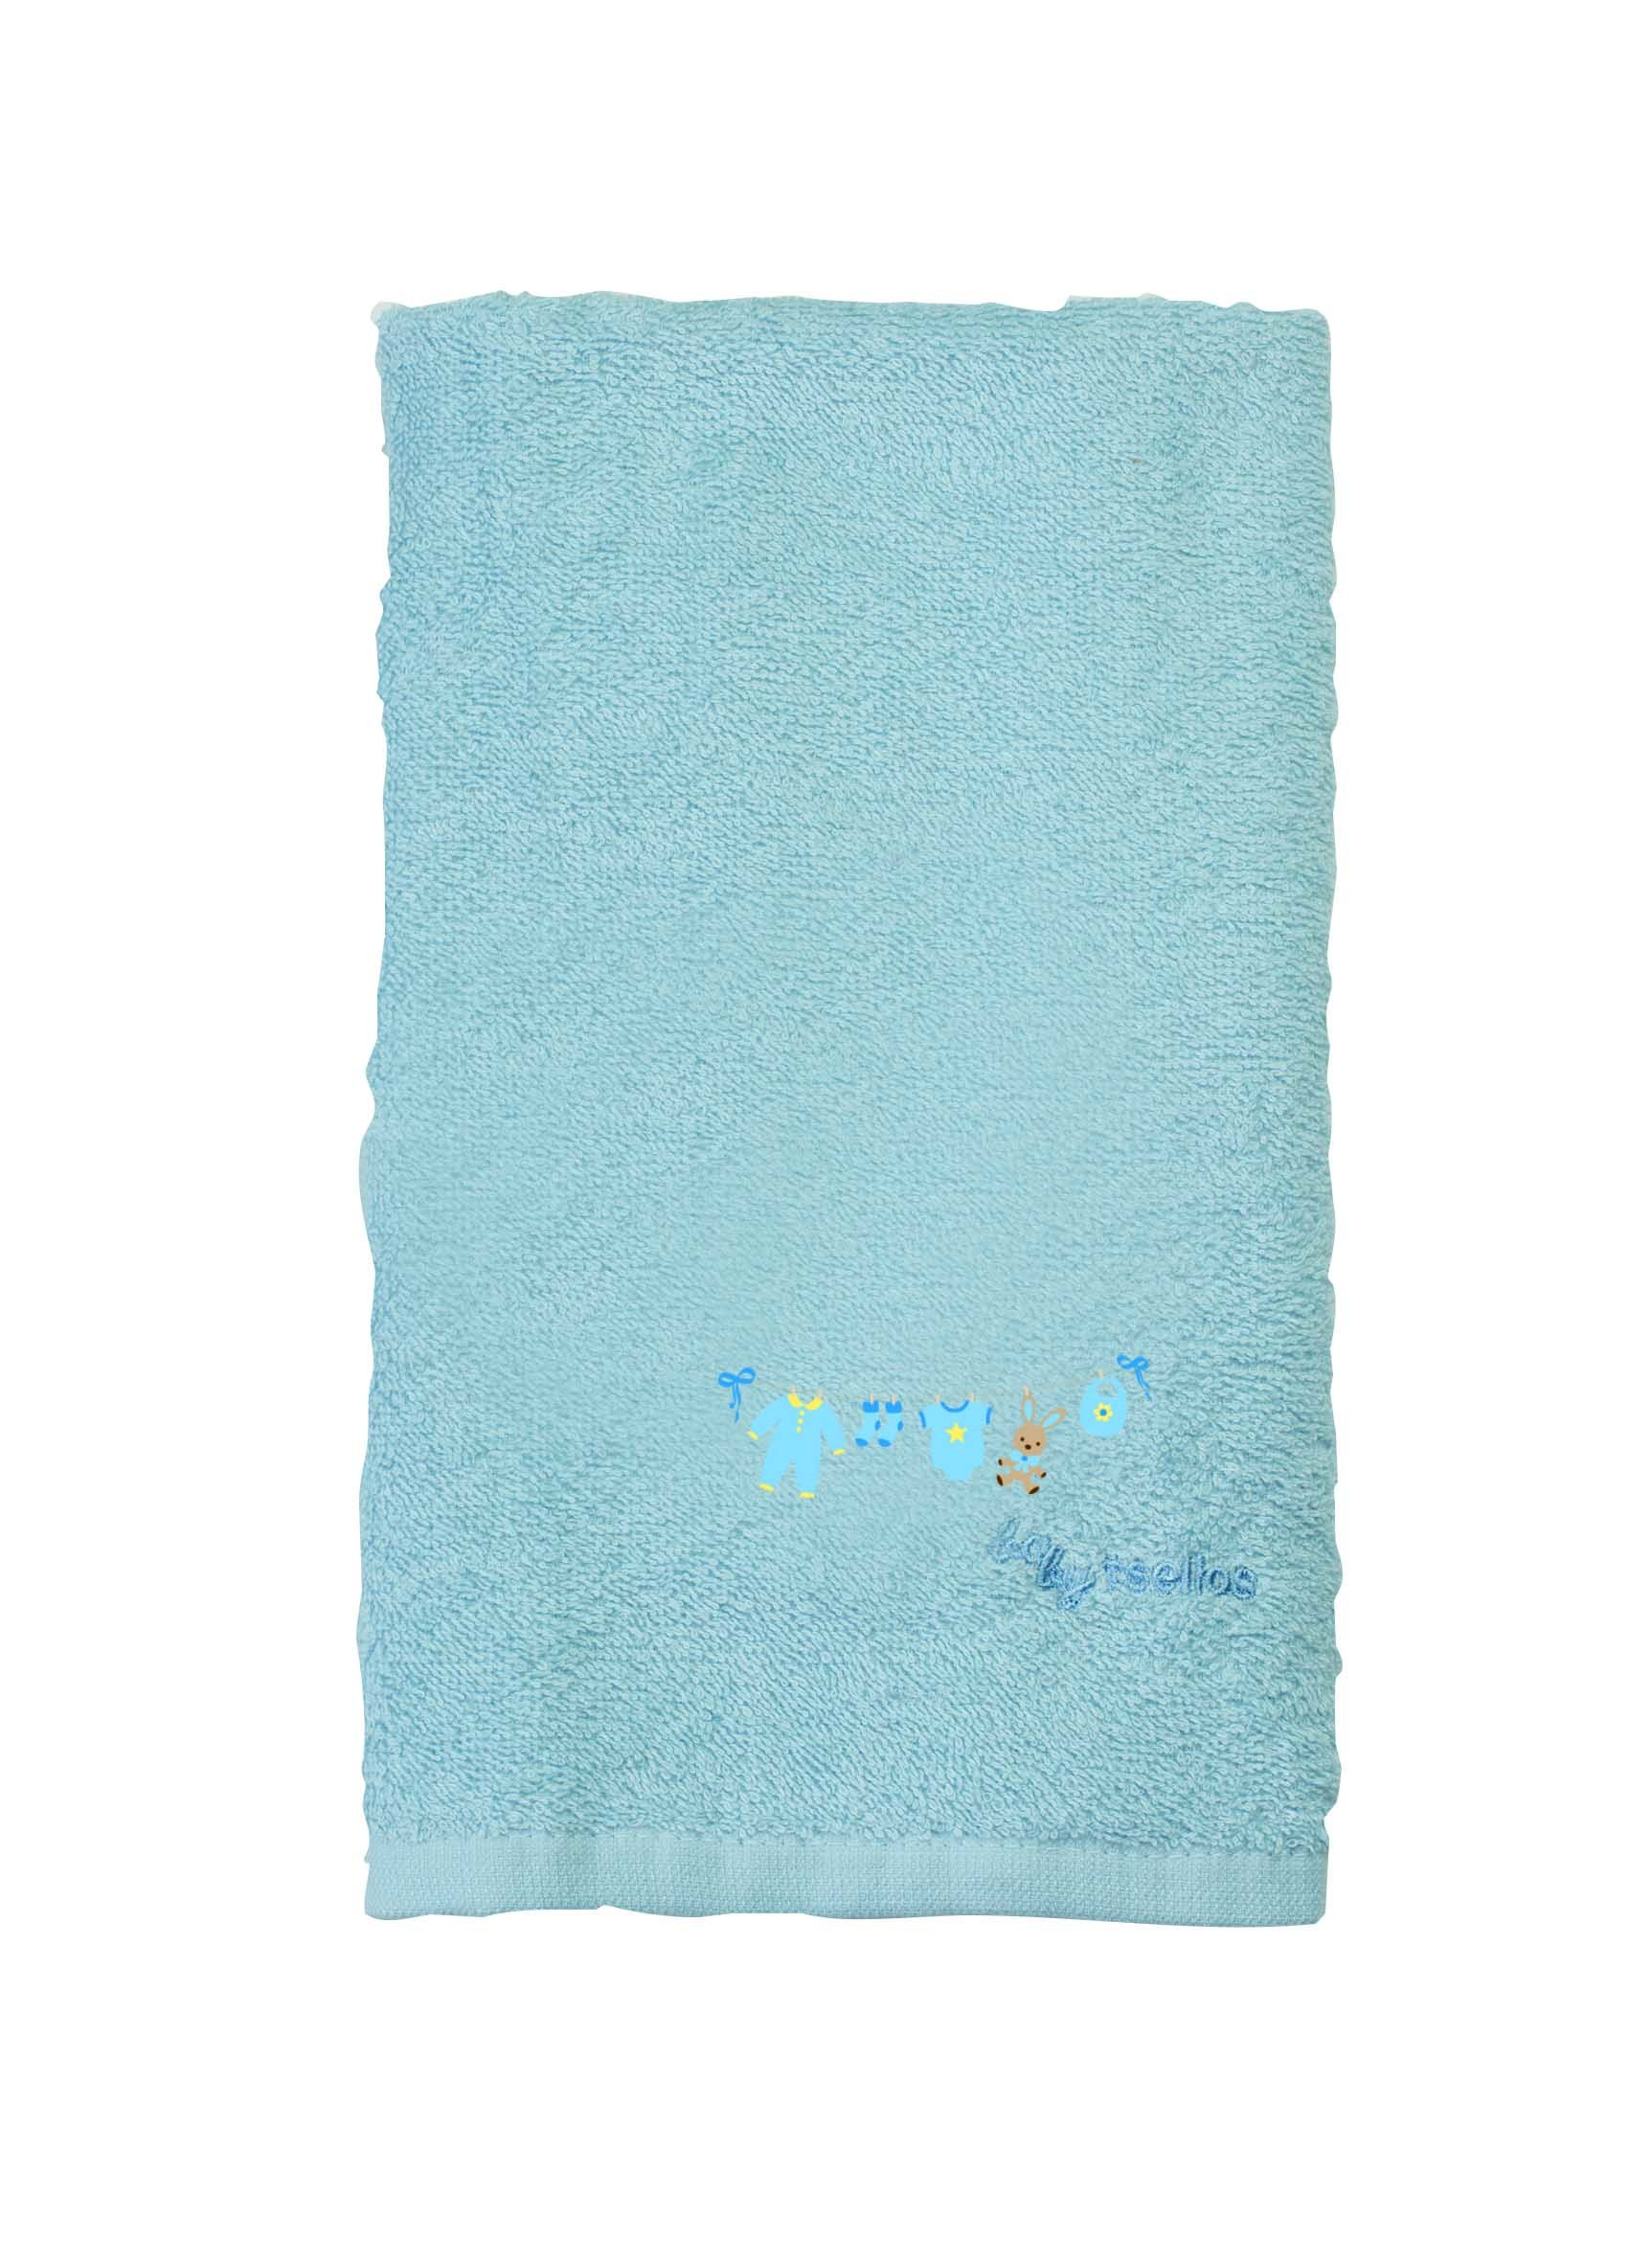 Βρεφικές Πετσέτες (Σετ 2τμχ) Makis Tselios Baby Clothes Blue home   βρεφικά   πετσέτες βρεφικές